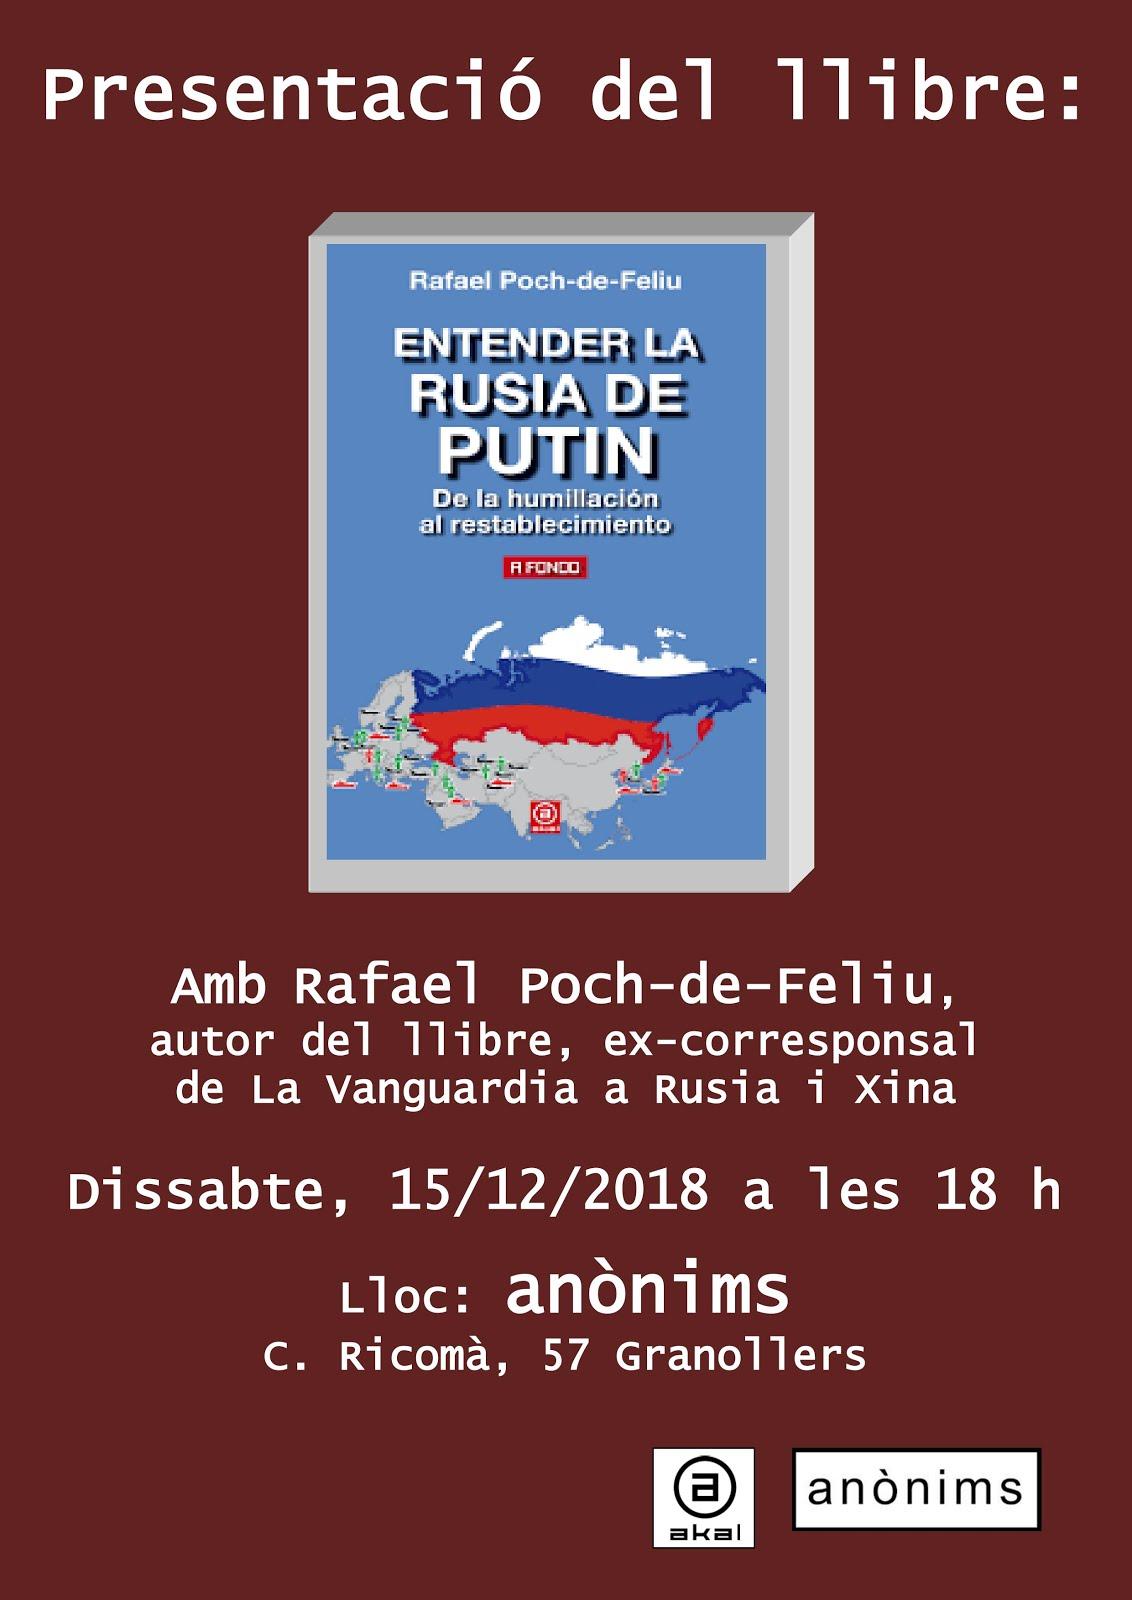 Presentació del llibre Entender la Rusia de Putin. De la humillación al restablecimiento.